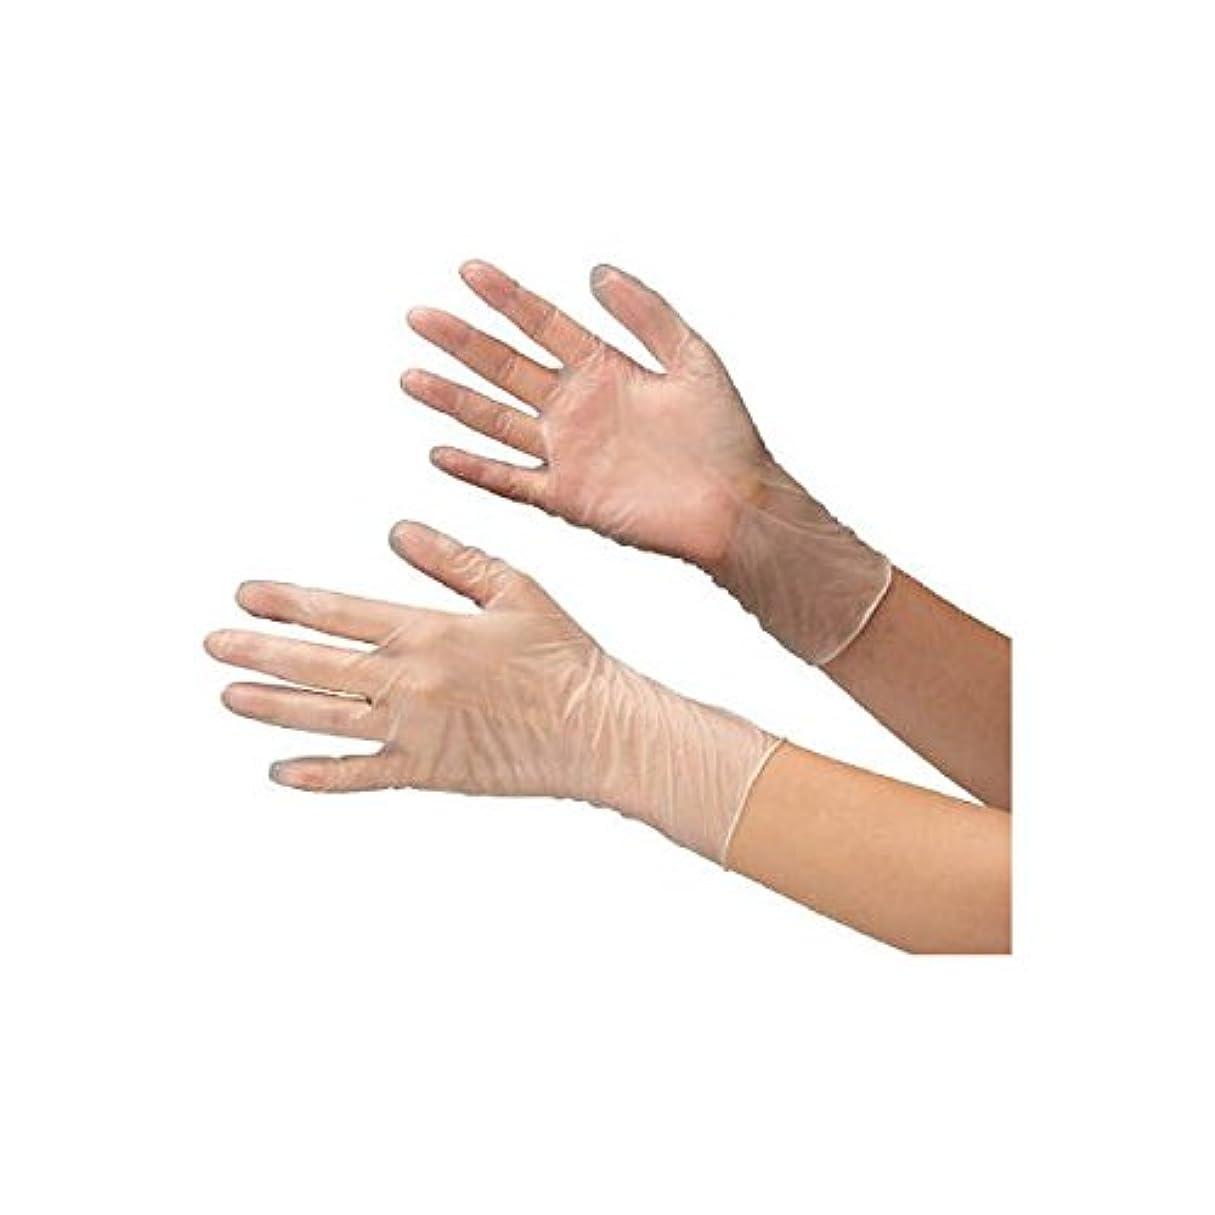 昇る音声ホイストミドリ安全/ミドリ安全 塩化ビニール製 使い捨て手袋 粉なし 100枚入 LL(3889319) VERTE-851-LL [その他]